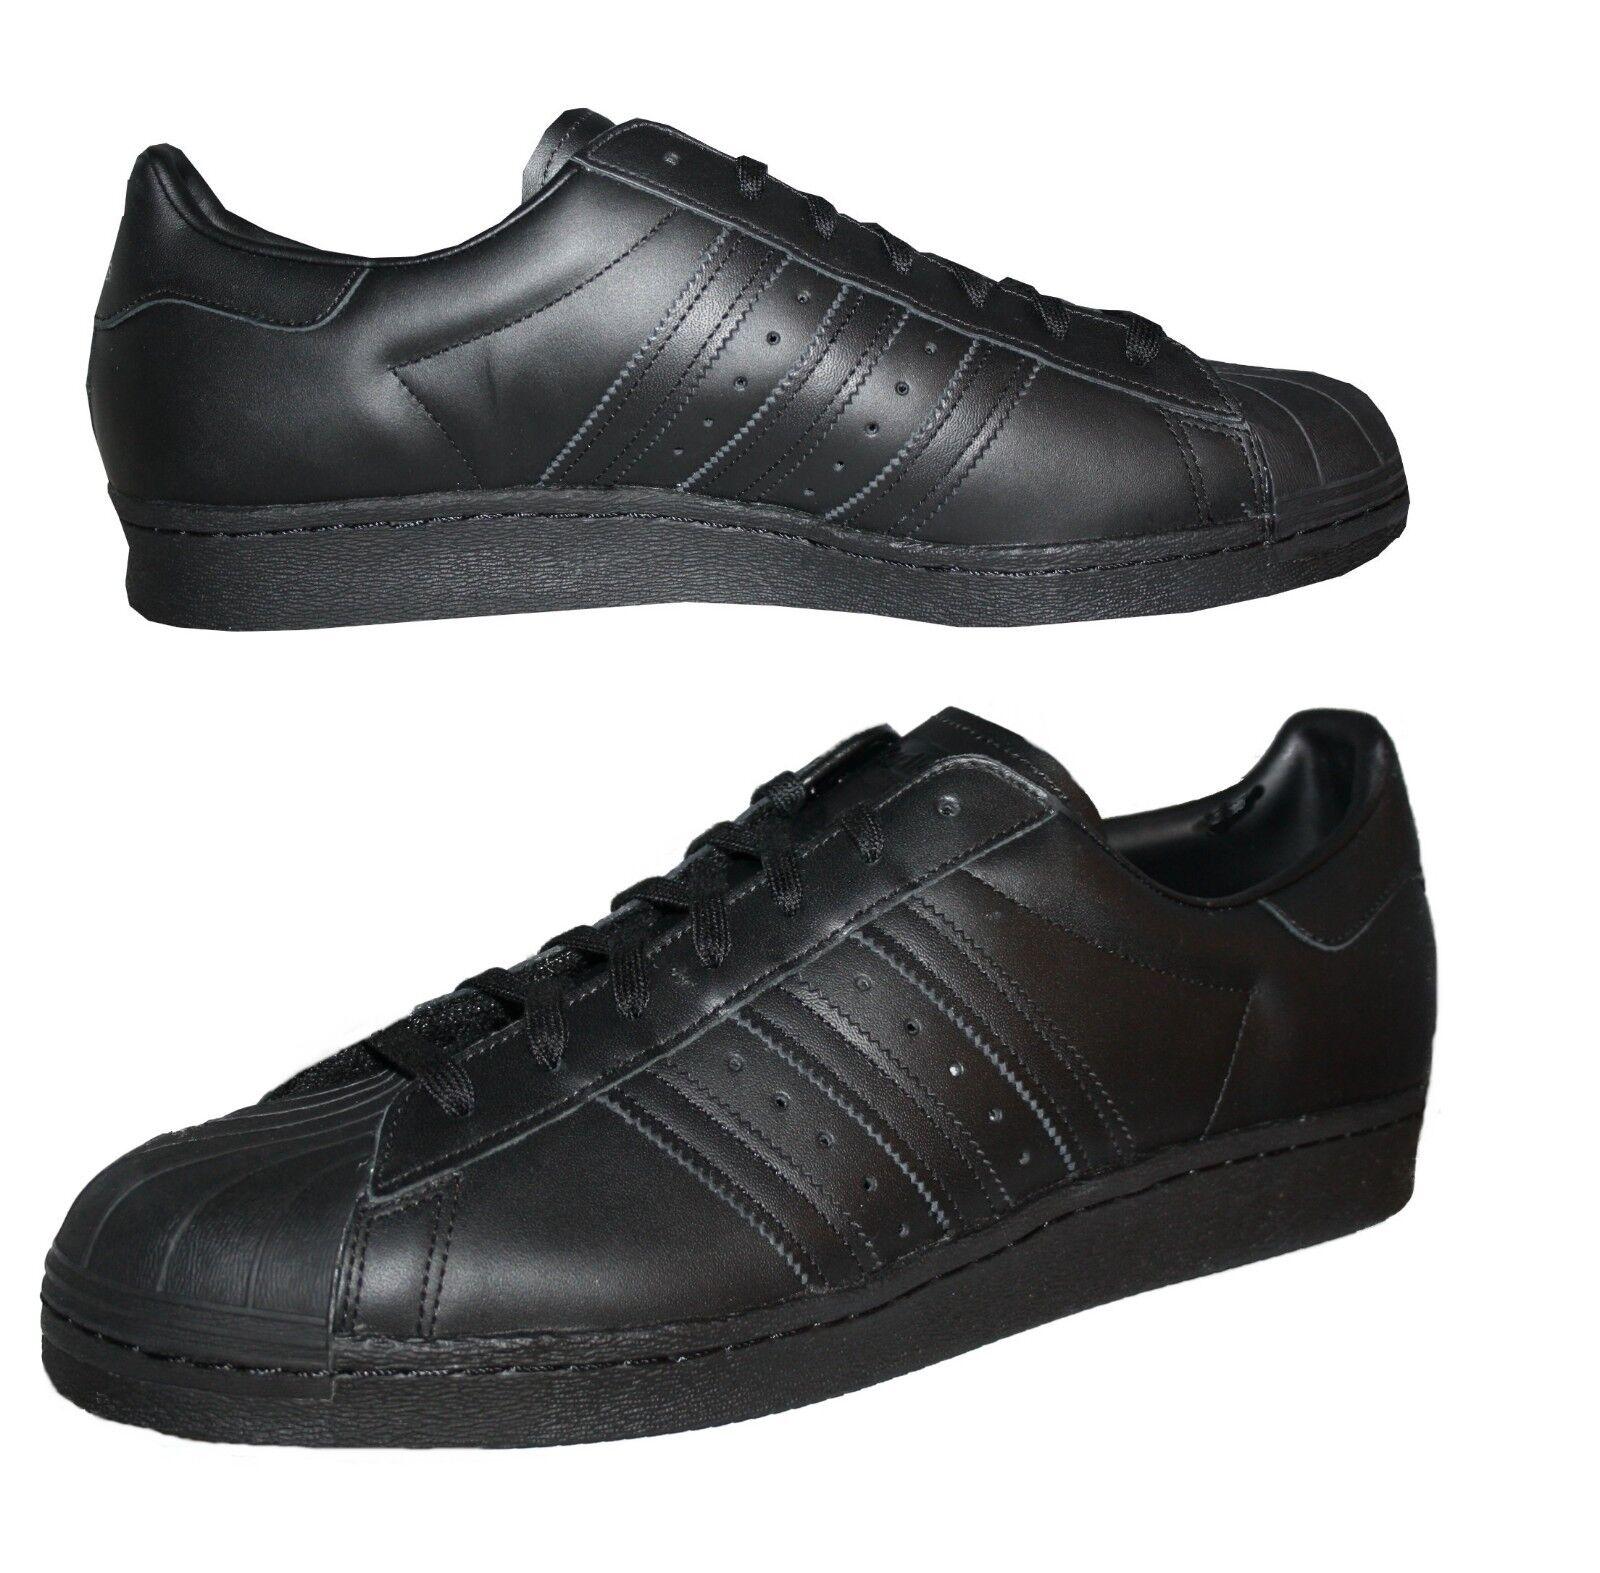 ADIDAS Superstar 80s Uomo Retrò scarpe da ginnastica Scarpe Pelle Nero Mis. 49 - (49 1 3) | Vendendo Bene In Tutto Il Mondo  | Gentiluomo/Signora Scarpa